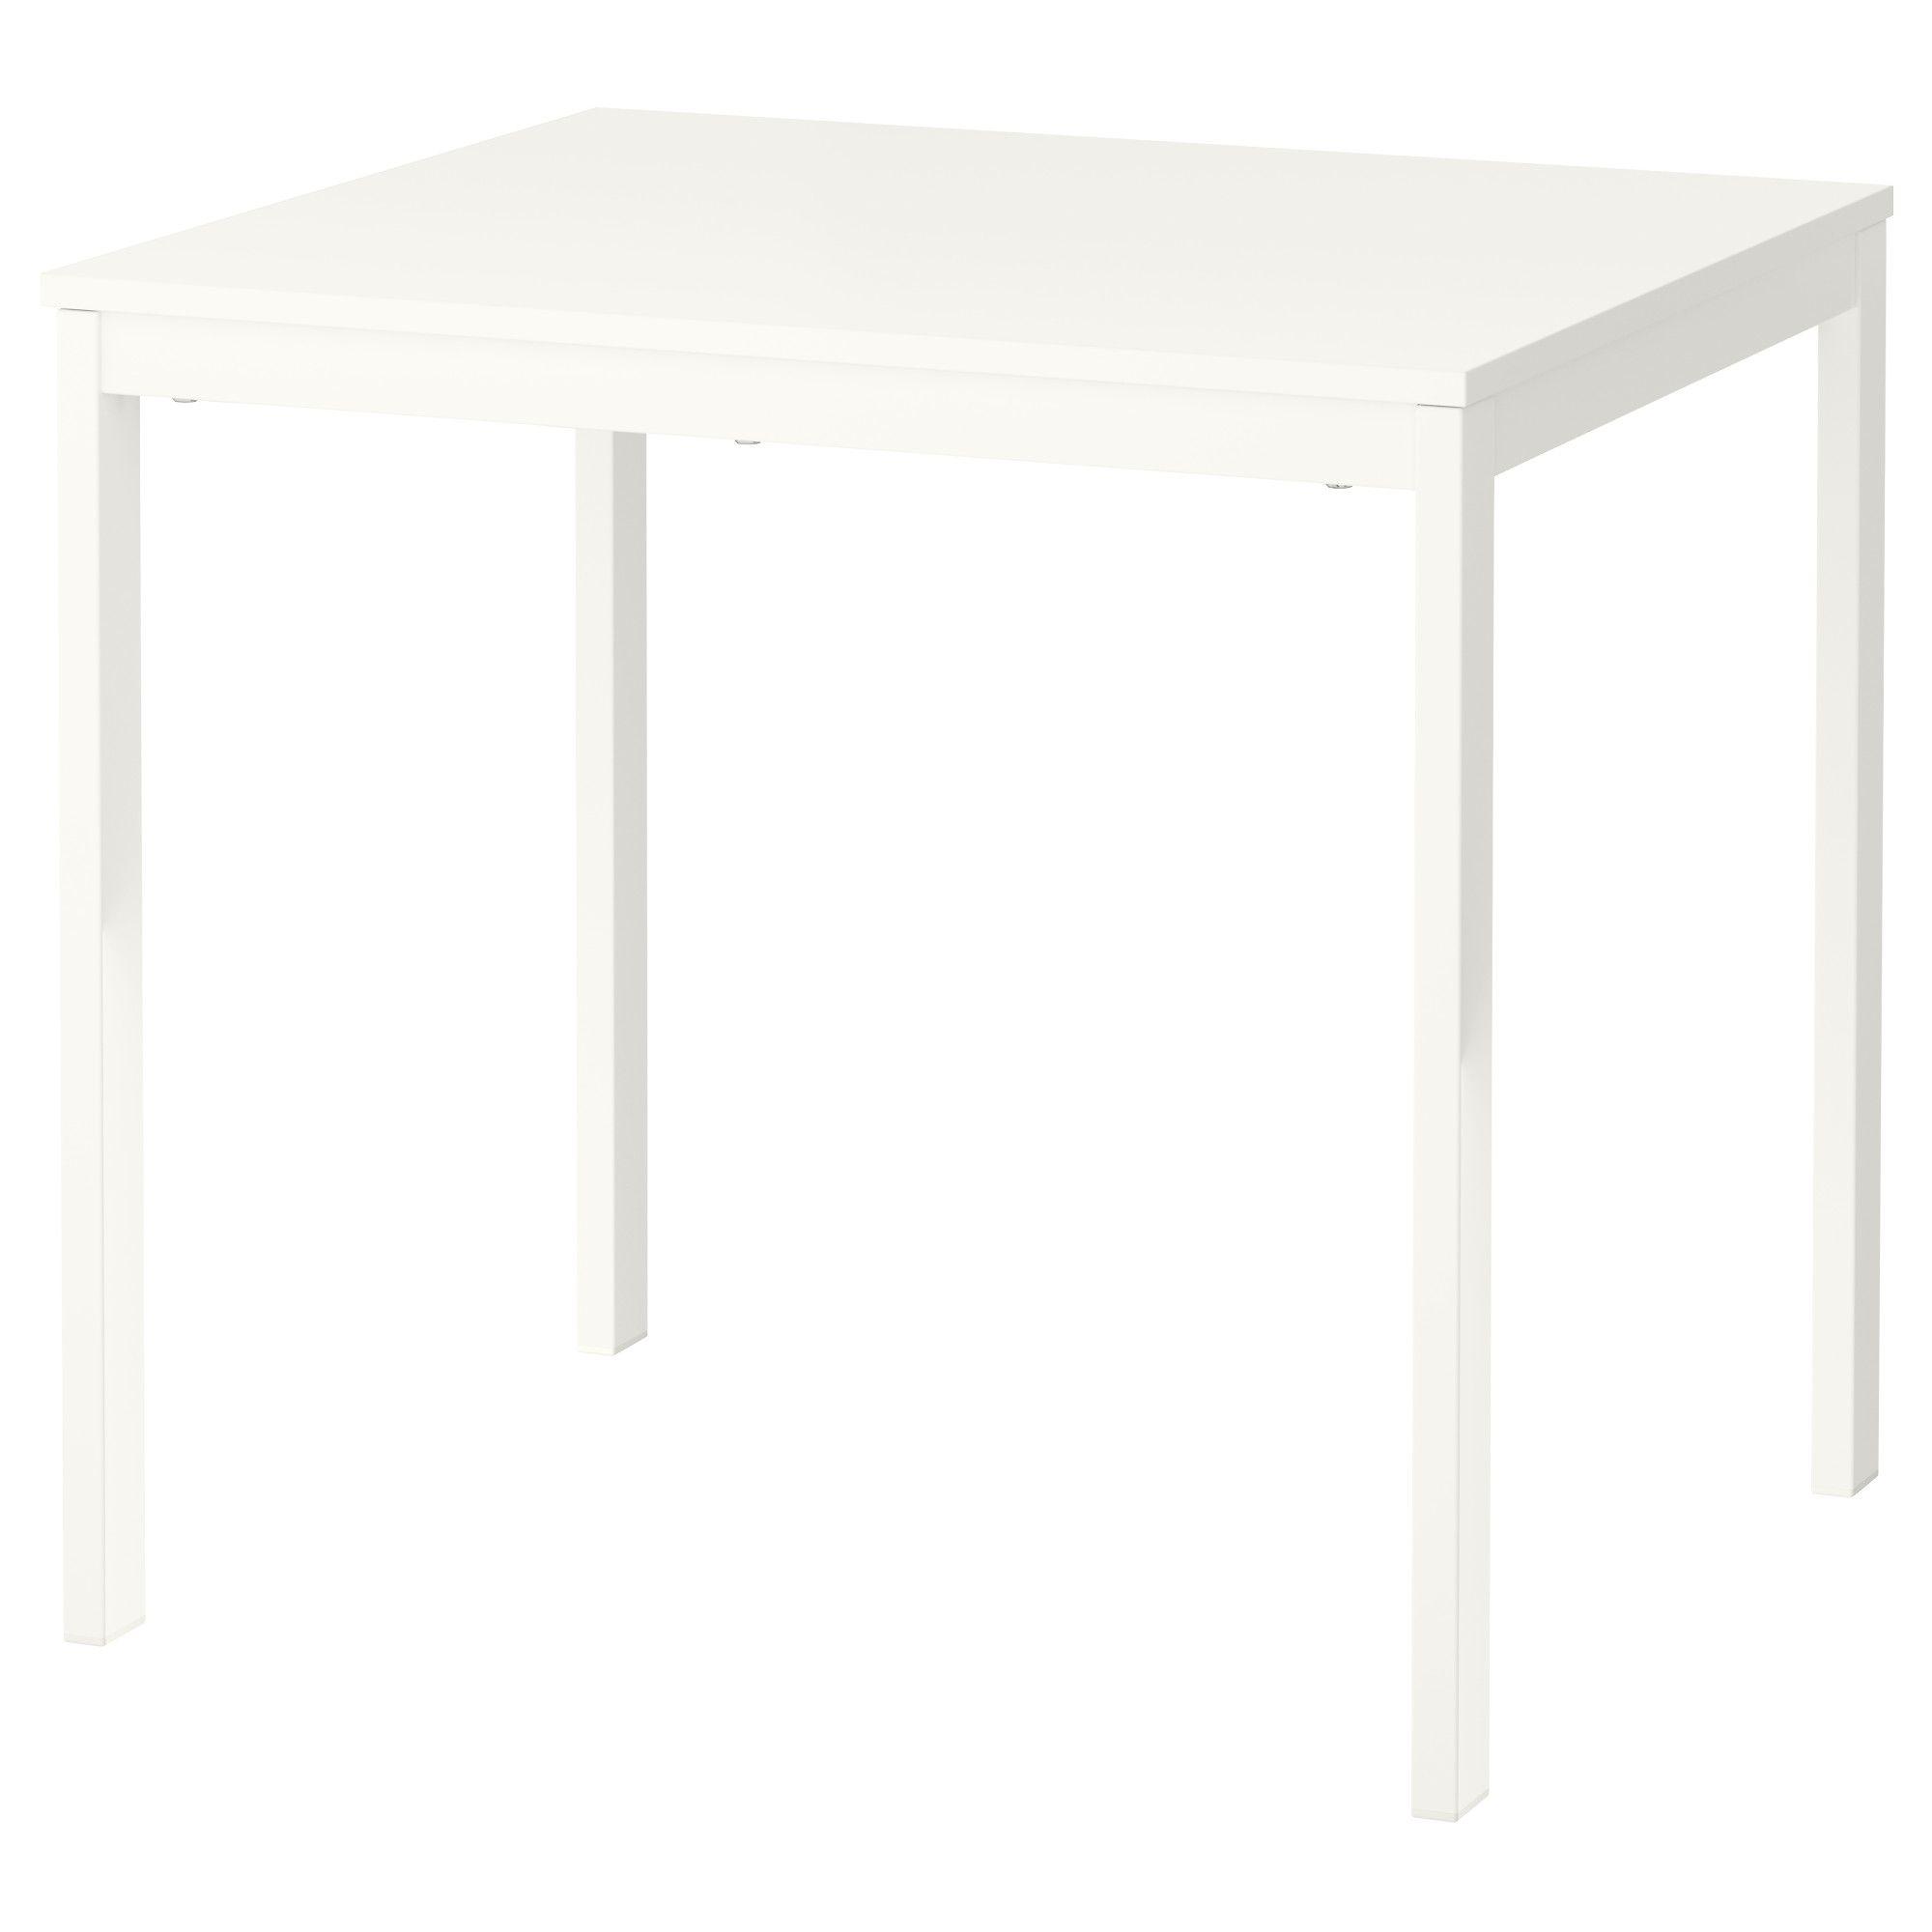 Vangsta Ausziehtisch Weiss Jetzt Bestellen Unter Https Moebel Ladendirekt De Kueche Und Esszimmer Tische Esstische Uid Ikea Ikea Dining Table Ikea Dining [ 2000 x 2000 Pixel ]